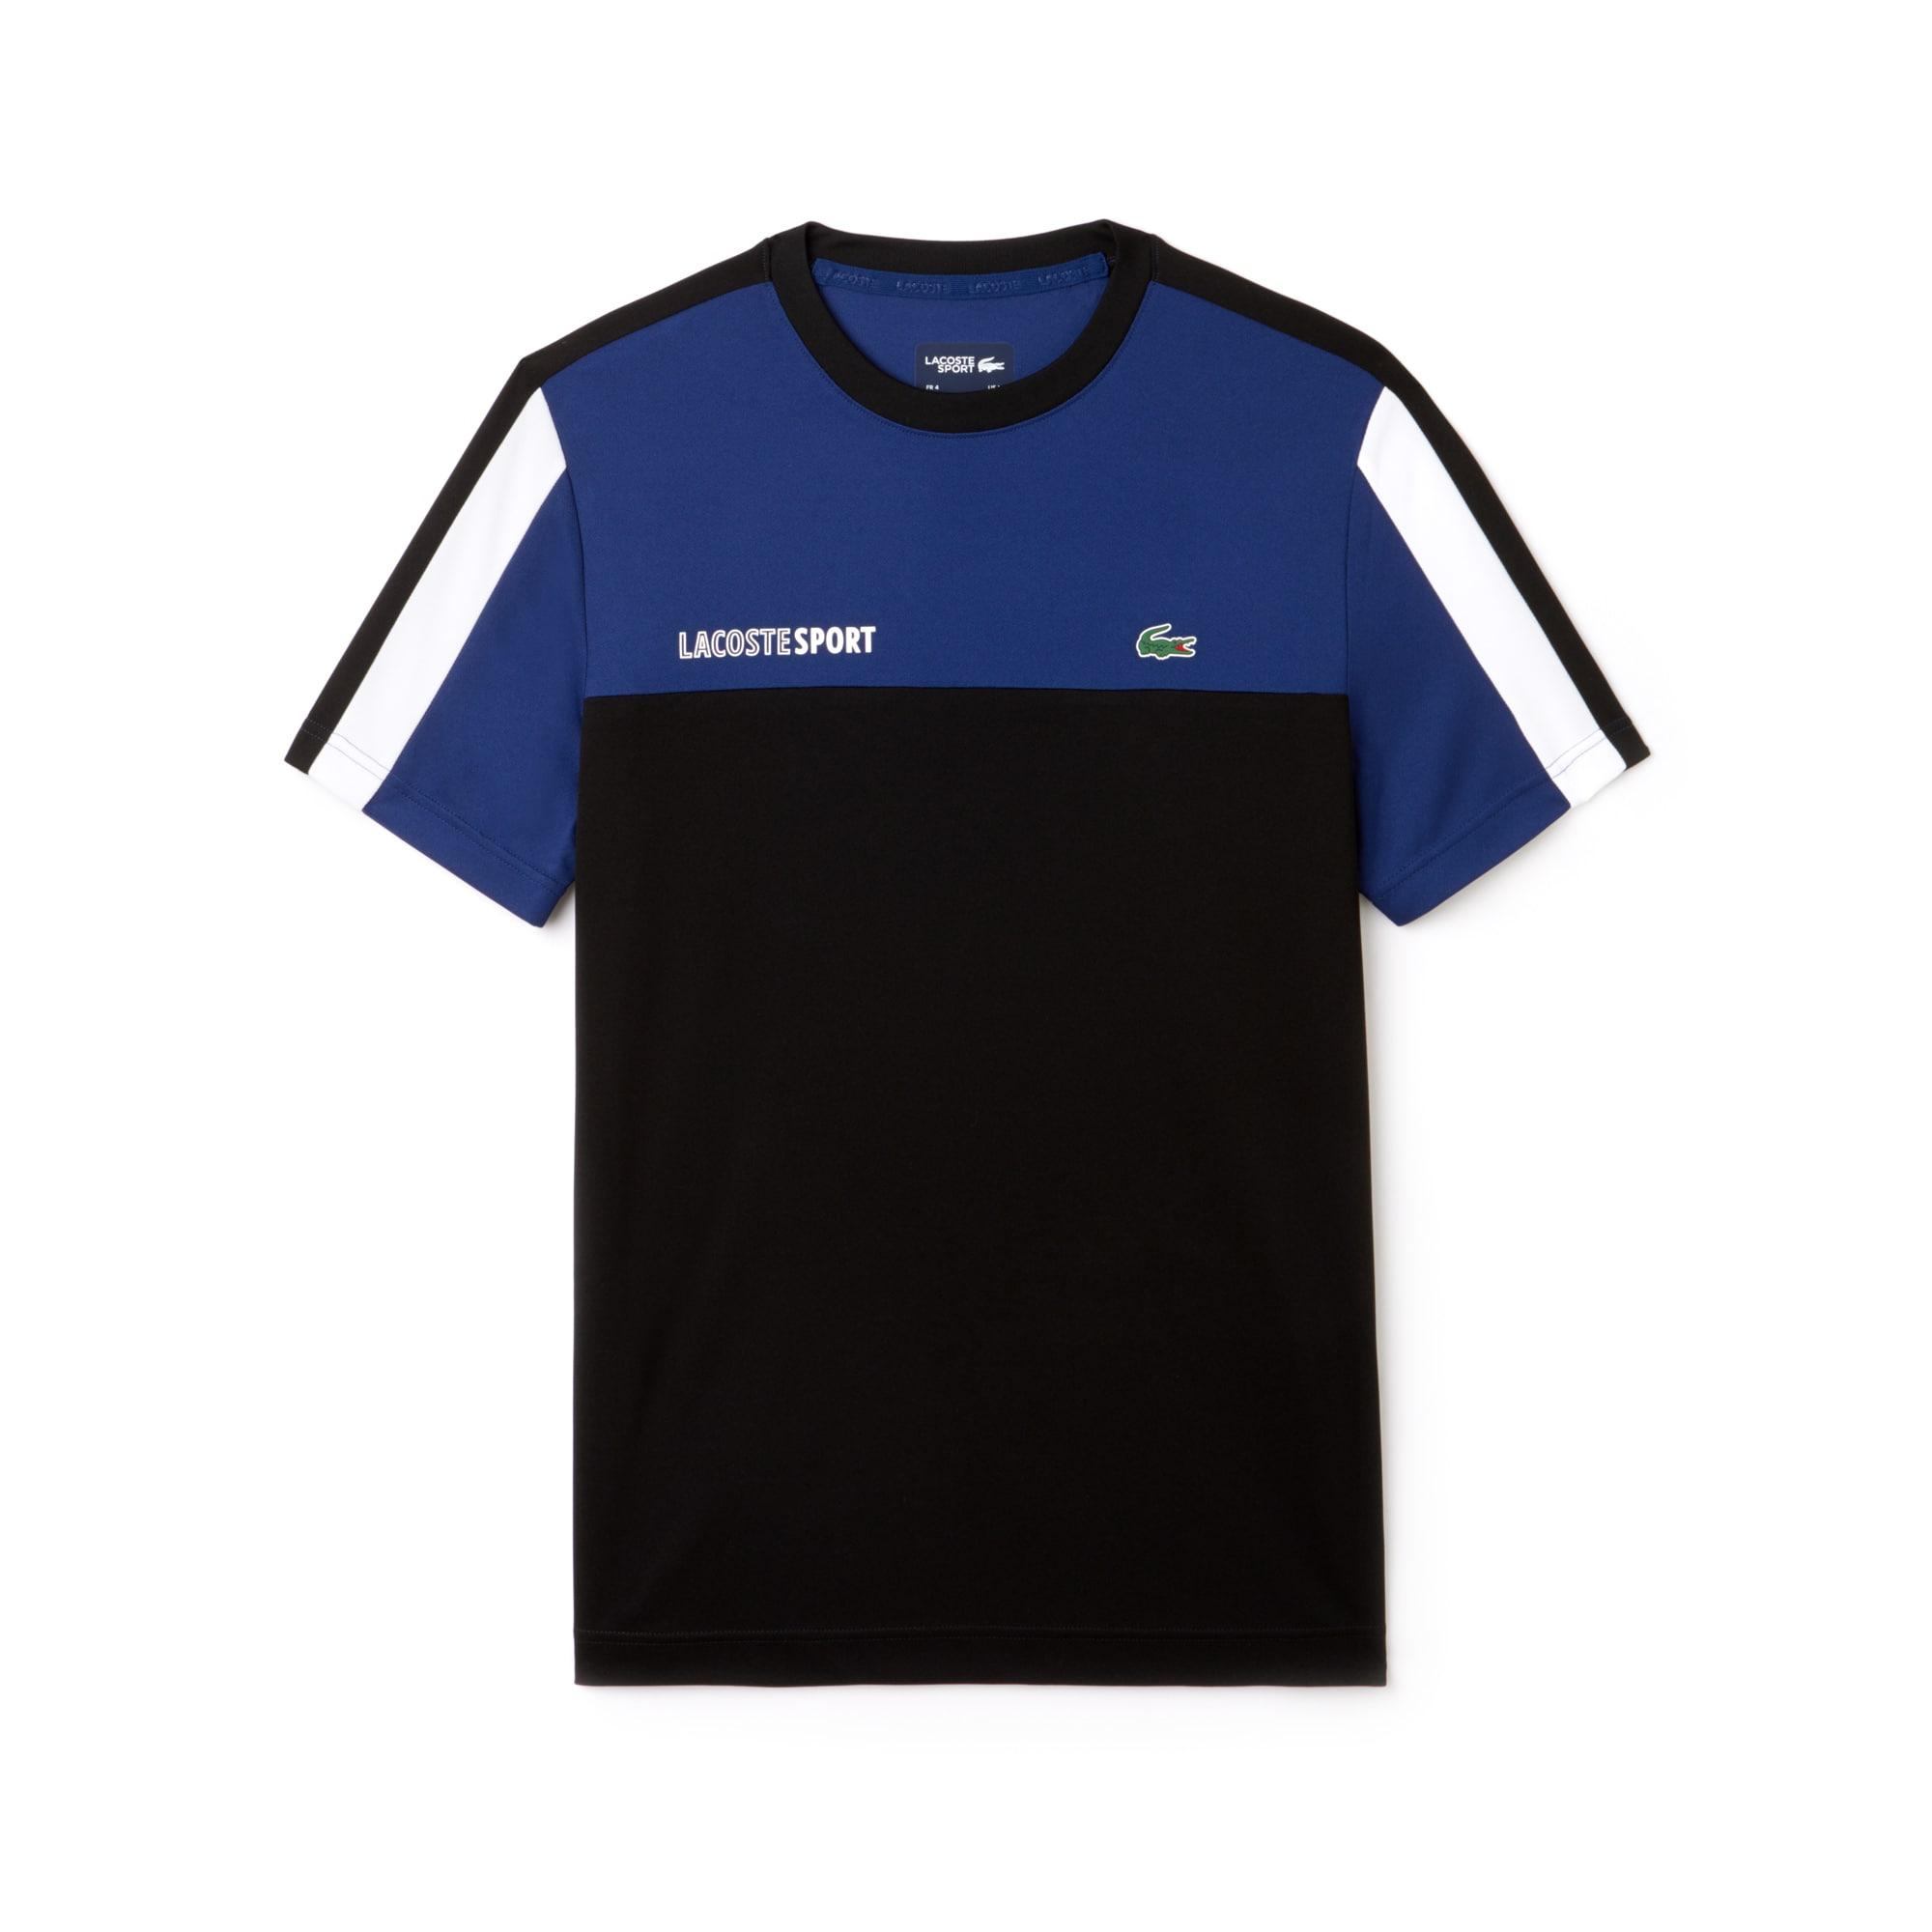 Lacoste SPORT Tennis-T-shirt heren piqué met ronde hals en colorblock